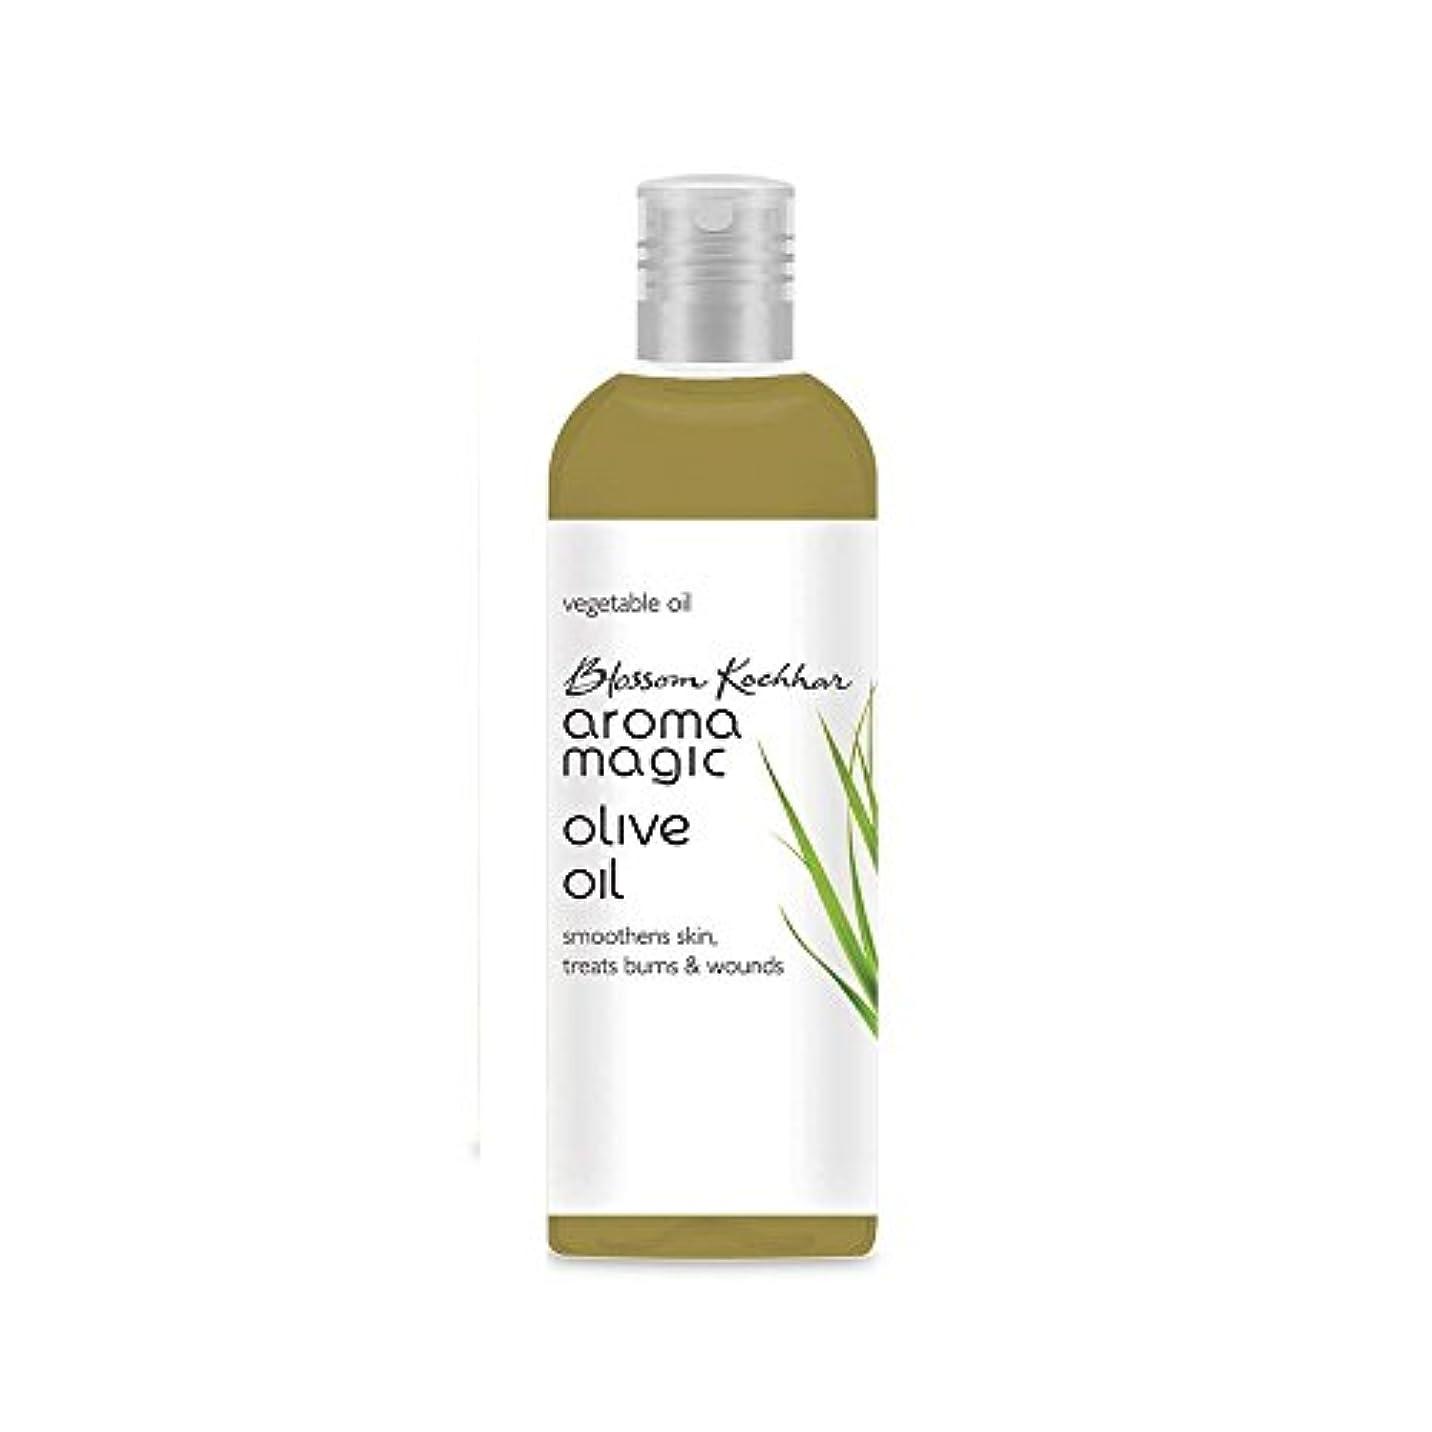 ラフレシアアルノルディ無一文損なうAroma Magic Olive Oil, 100ml